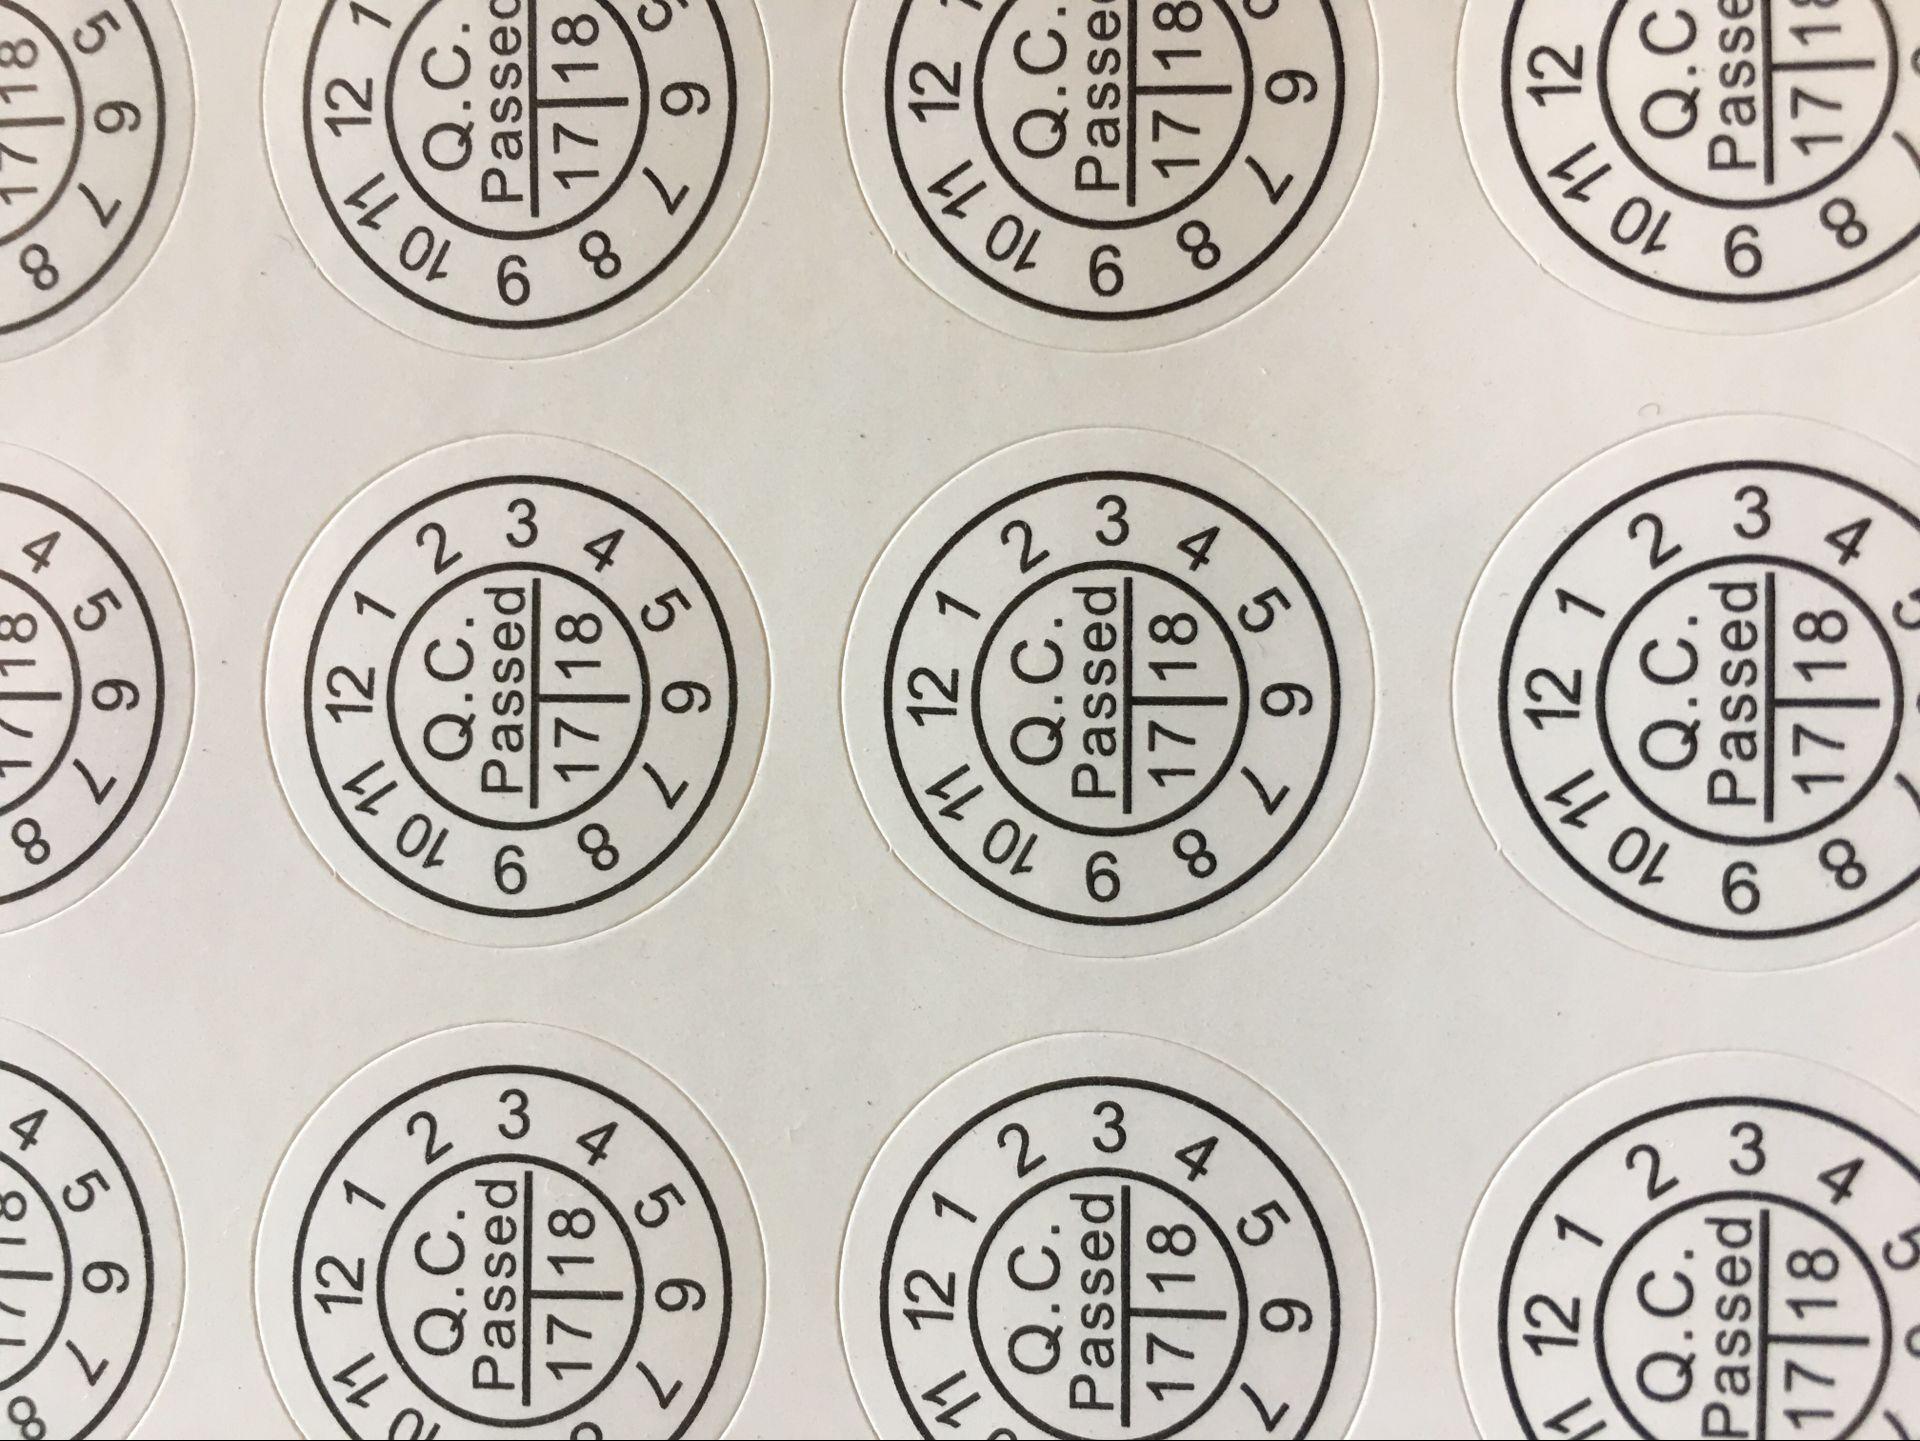 现货合格证,2CM QC PASS标签,年份月份日期QC圆形不干胶贴纸